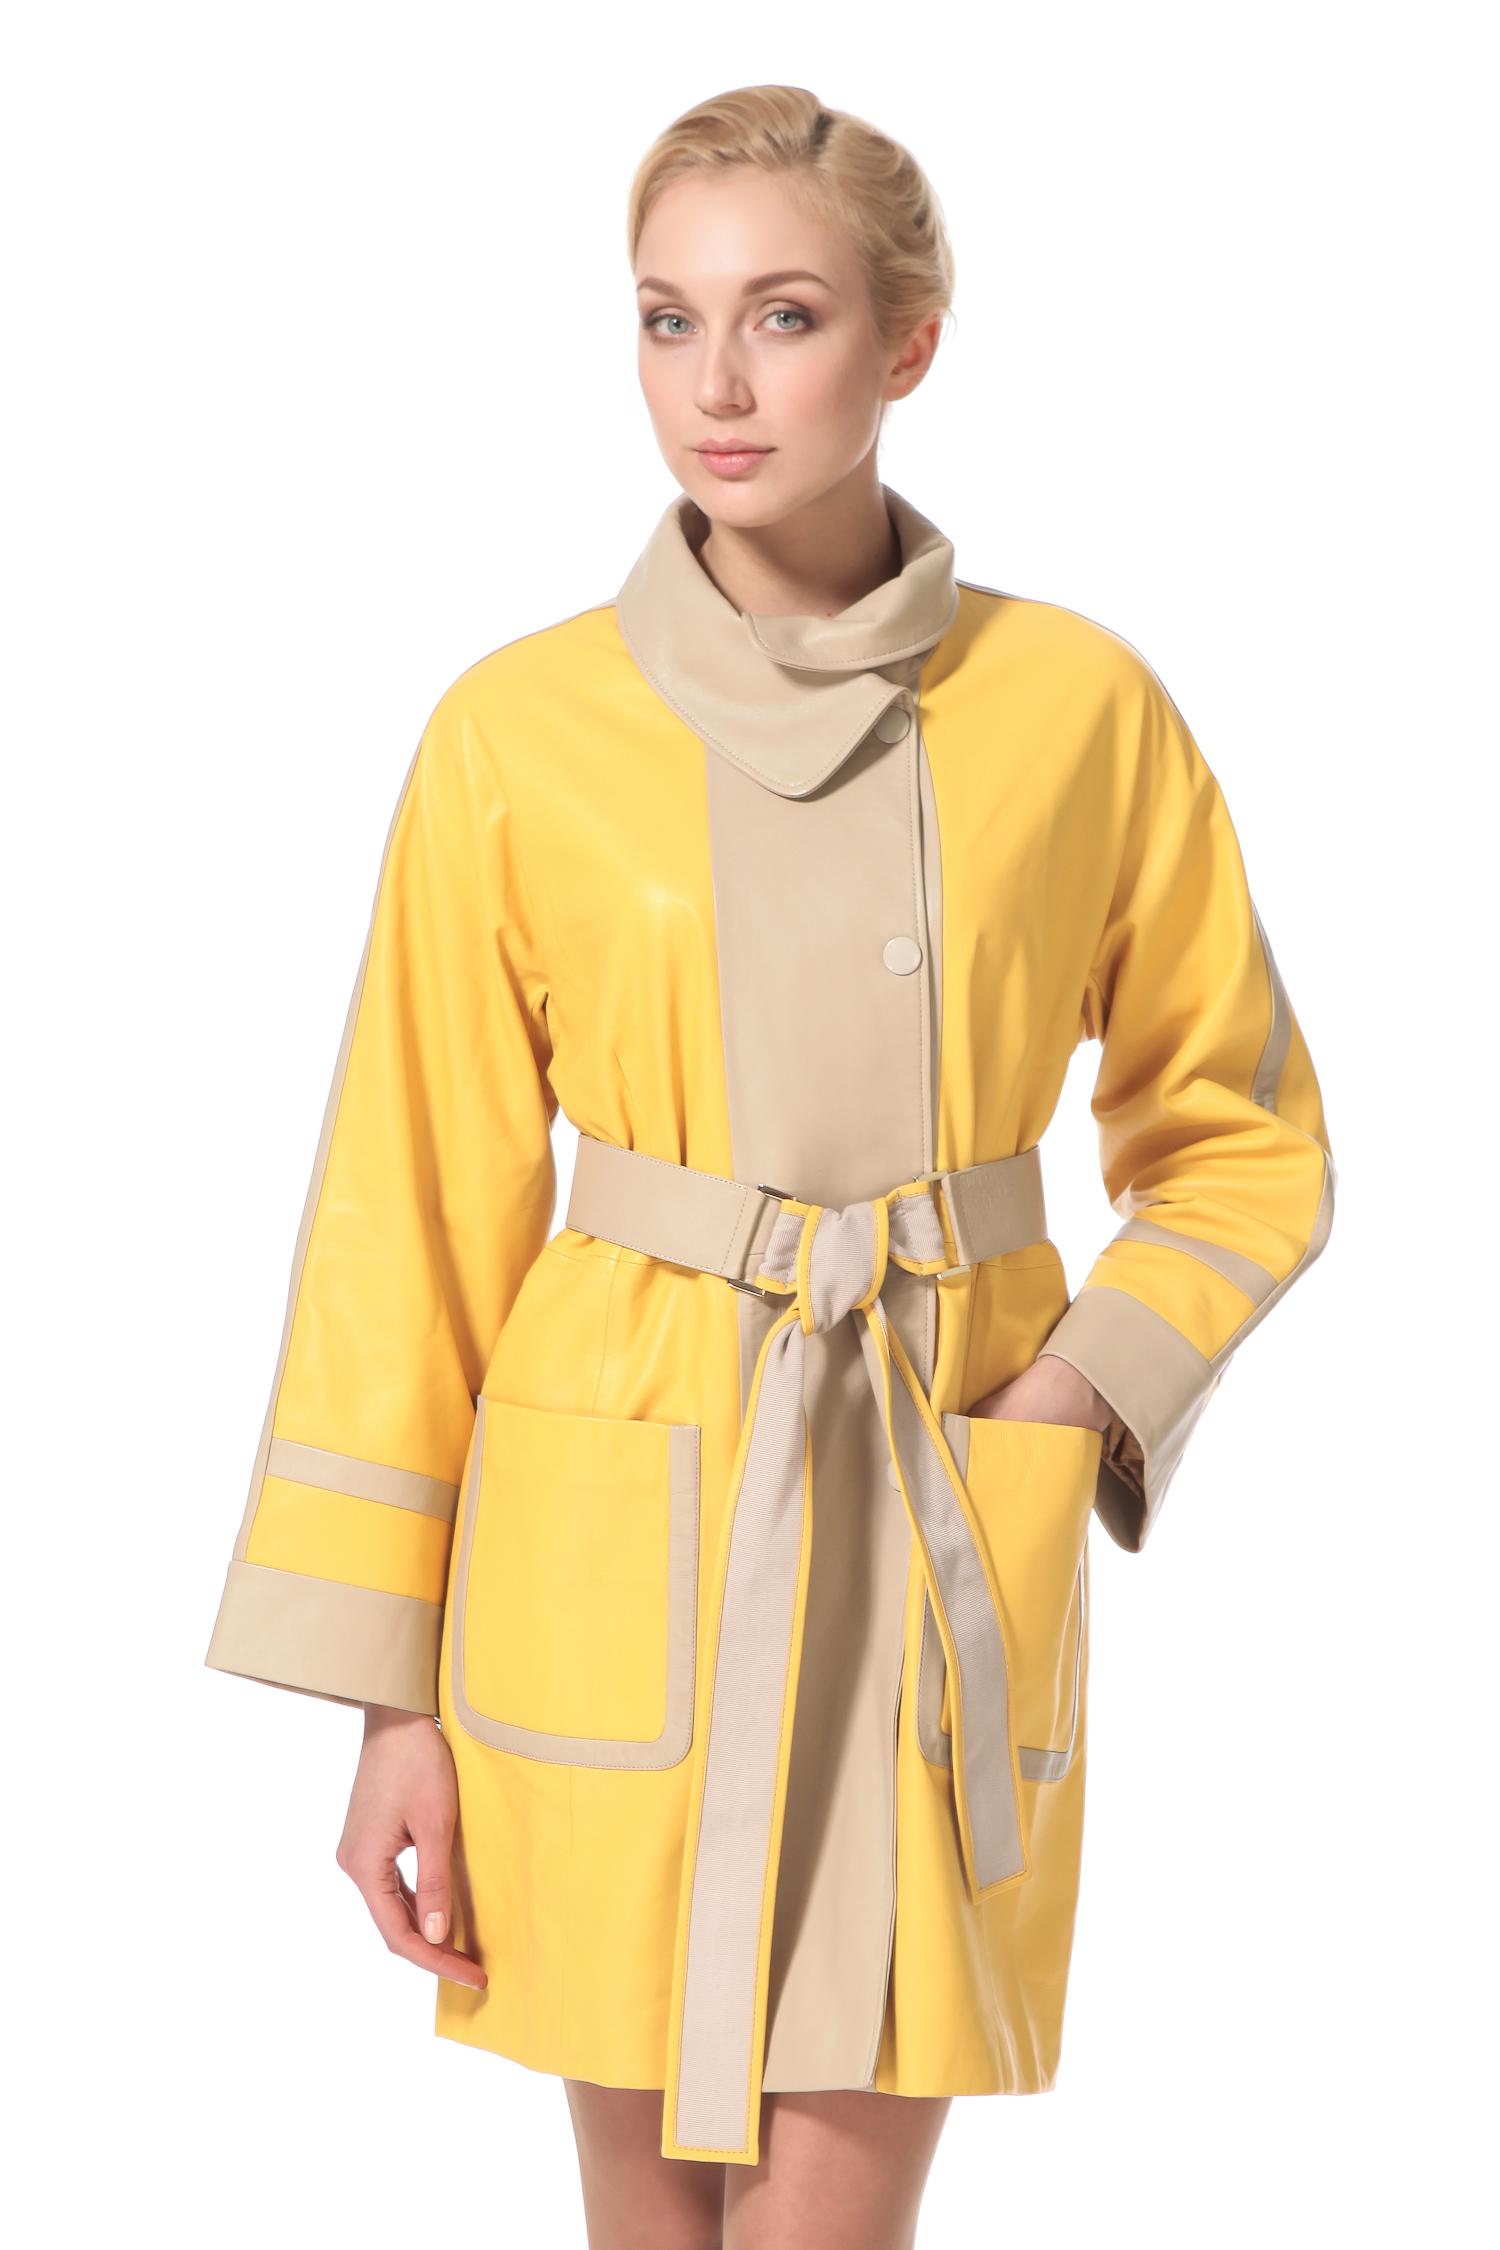 Женское кожаное пальто из натуральной кожи с воротником, без отделкиЕсли вы хотите быть в центре модных тенденций, Вам стоит обратить внимание на это стильное и элегантное кожаное пальто! Неожиданно свежая и при этом гармоничная комбинация желтого и бежевого цветов, в сочетании с модным в этом сезоне прямым силуэтом, делают это пальто предметом для зависти многих модниц. Удачная длина до колена позволяет носить его с абсолютно разными комплектами одежды и всегда выглядеть по-разному! Накладные карманы, отложной воротник-стойка и оригинальный завязывающийся пояс - это пальто еще и очень комфортно!<br><br>Воротник: отложной<br>Длина см: Длинная (свыше 90)<br>Материал: Кожа овчина<br>Цвет: желтый<br>Вид застежки: косая<br>Застежка: кнопки<br>Пол: Женский<br>Размер RU: 52